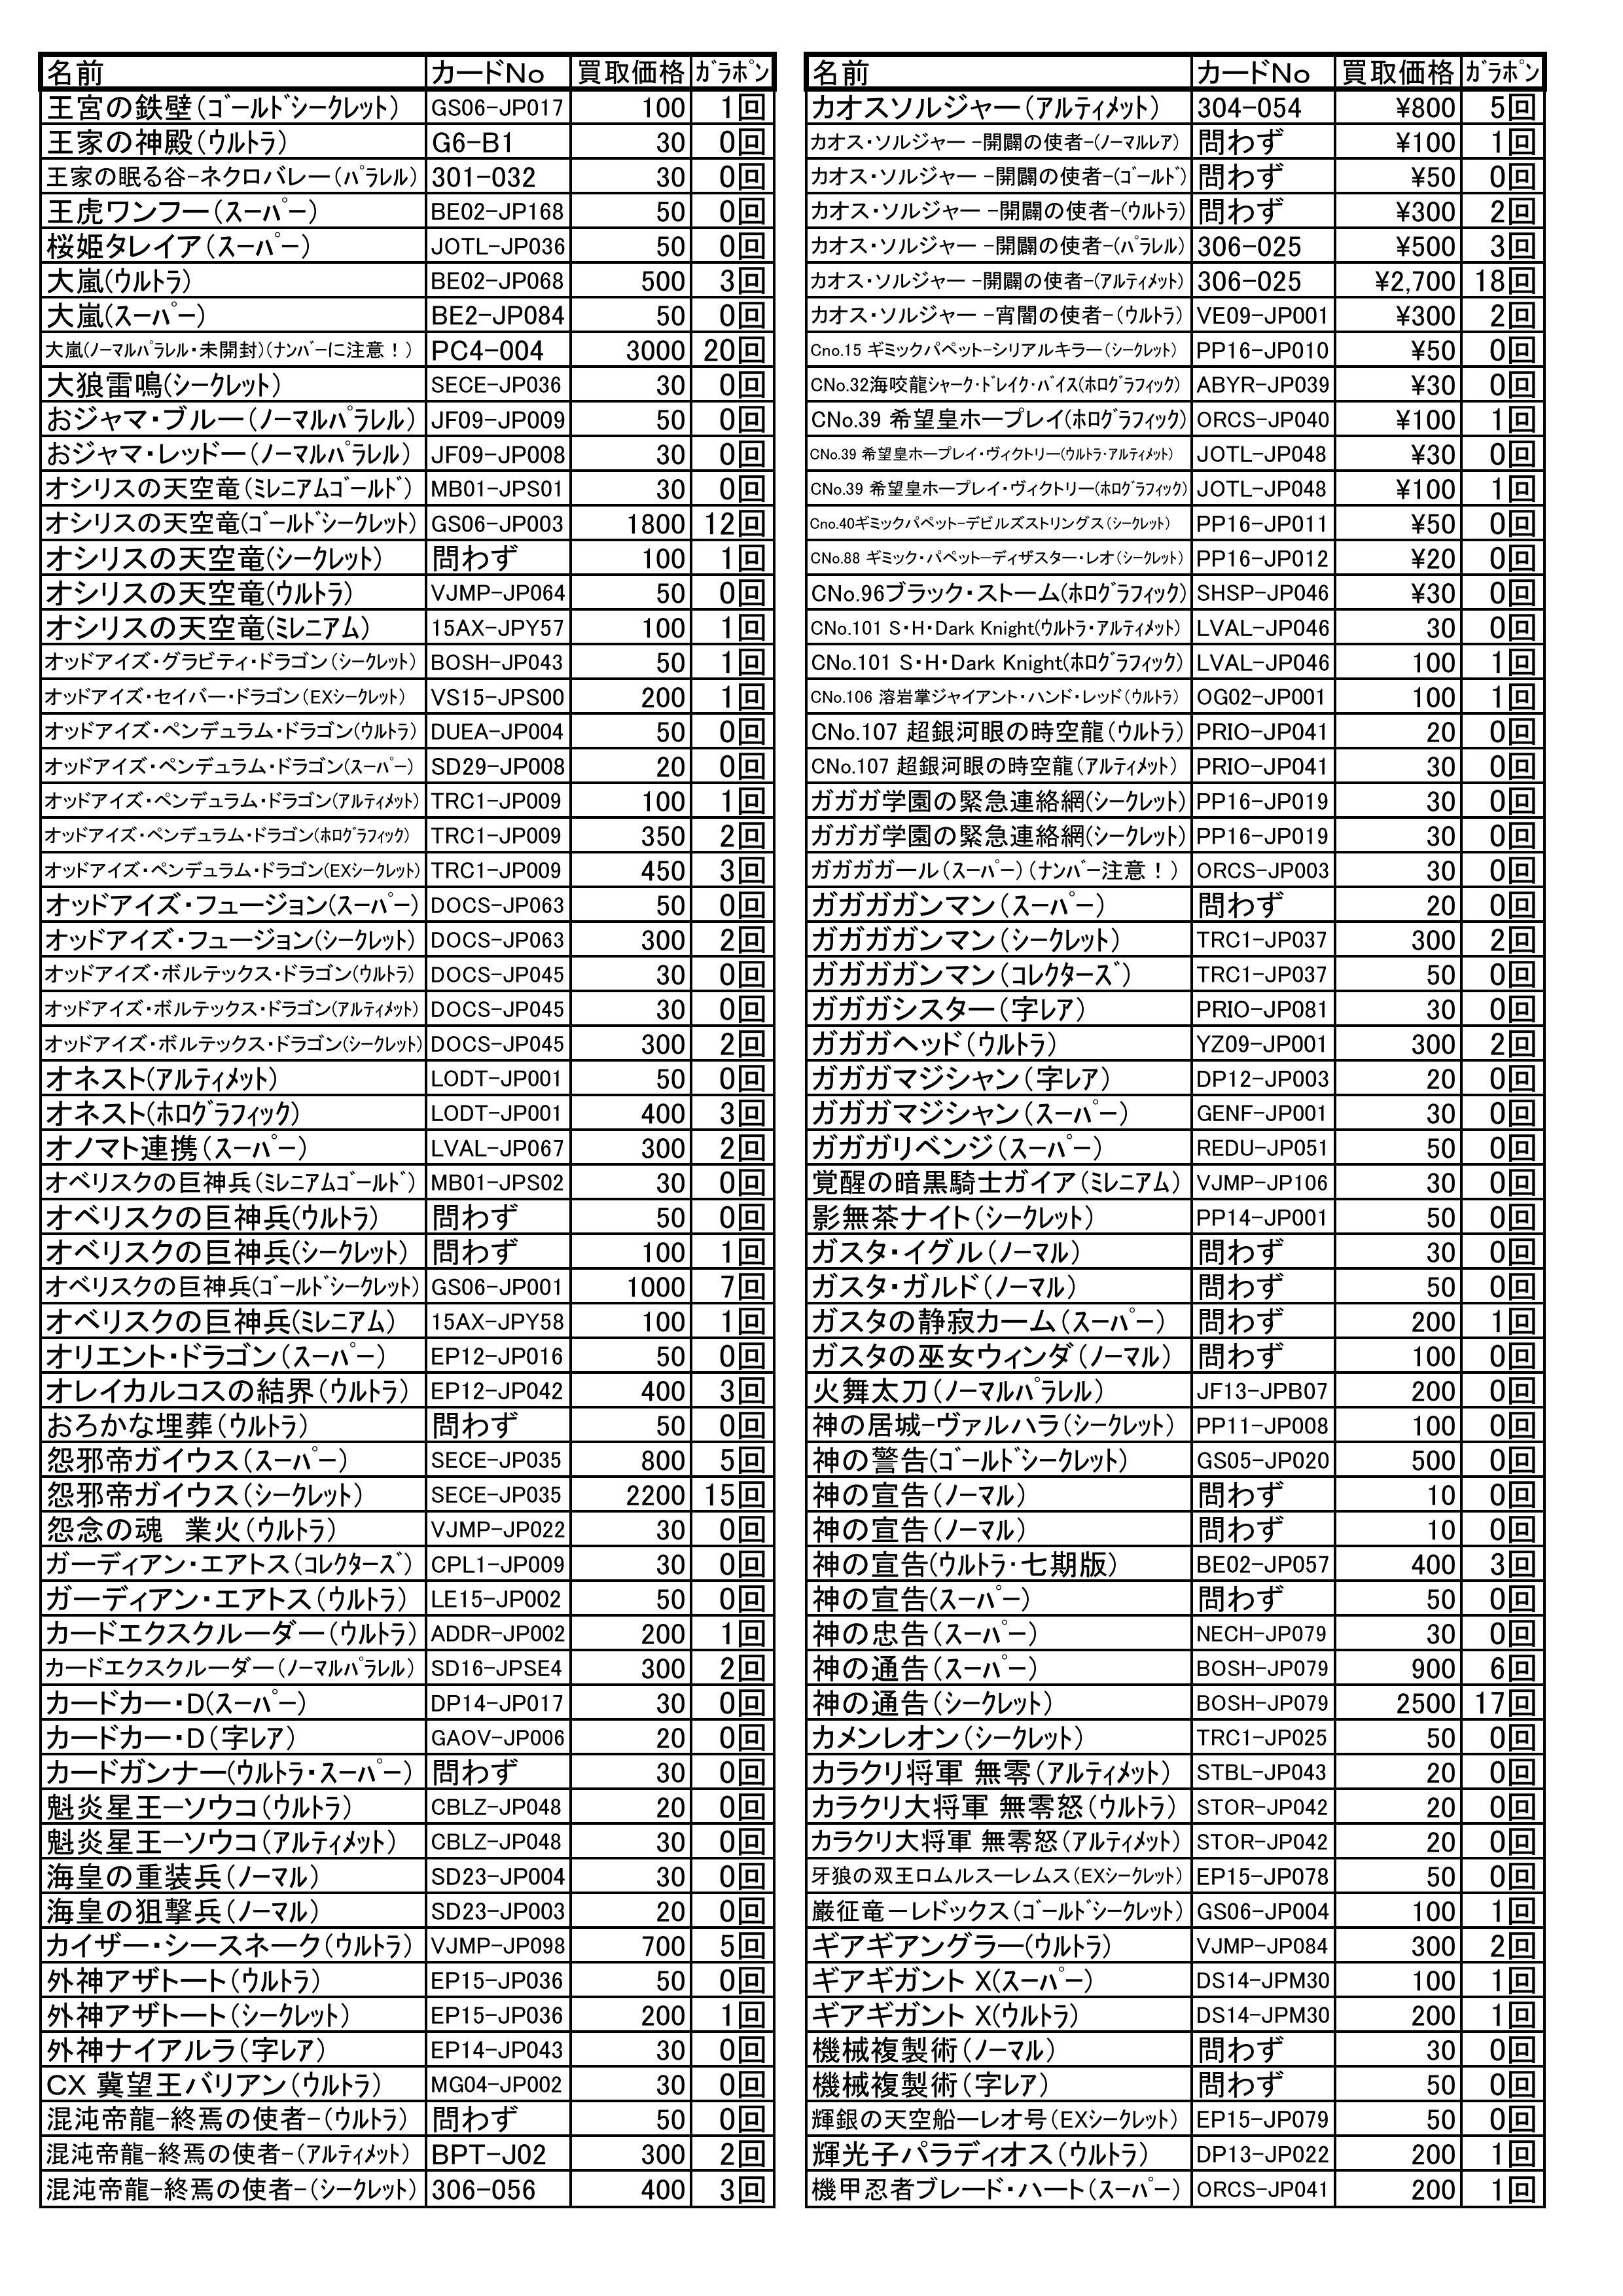 遊戯買取 新規軸版(仮)_03